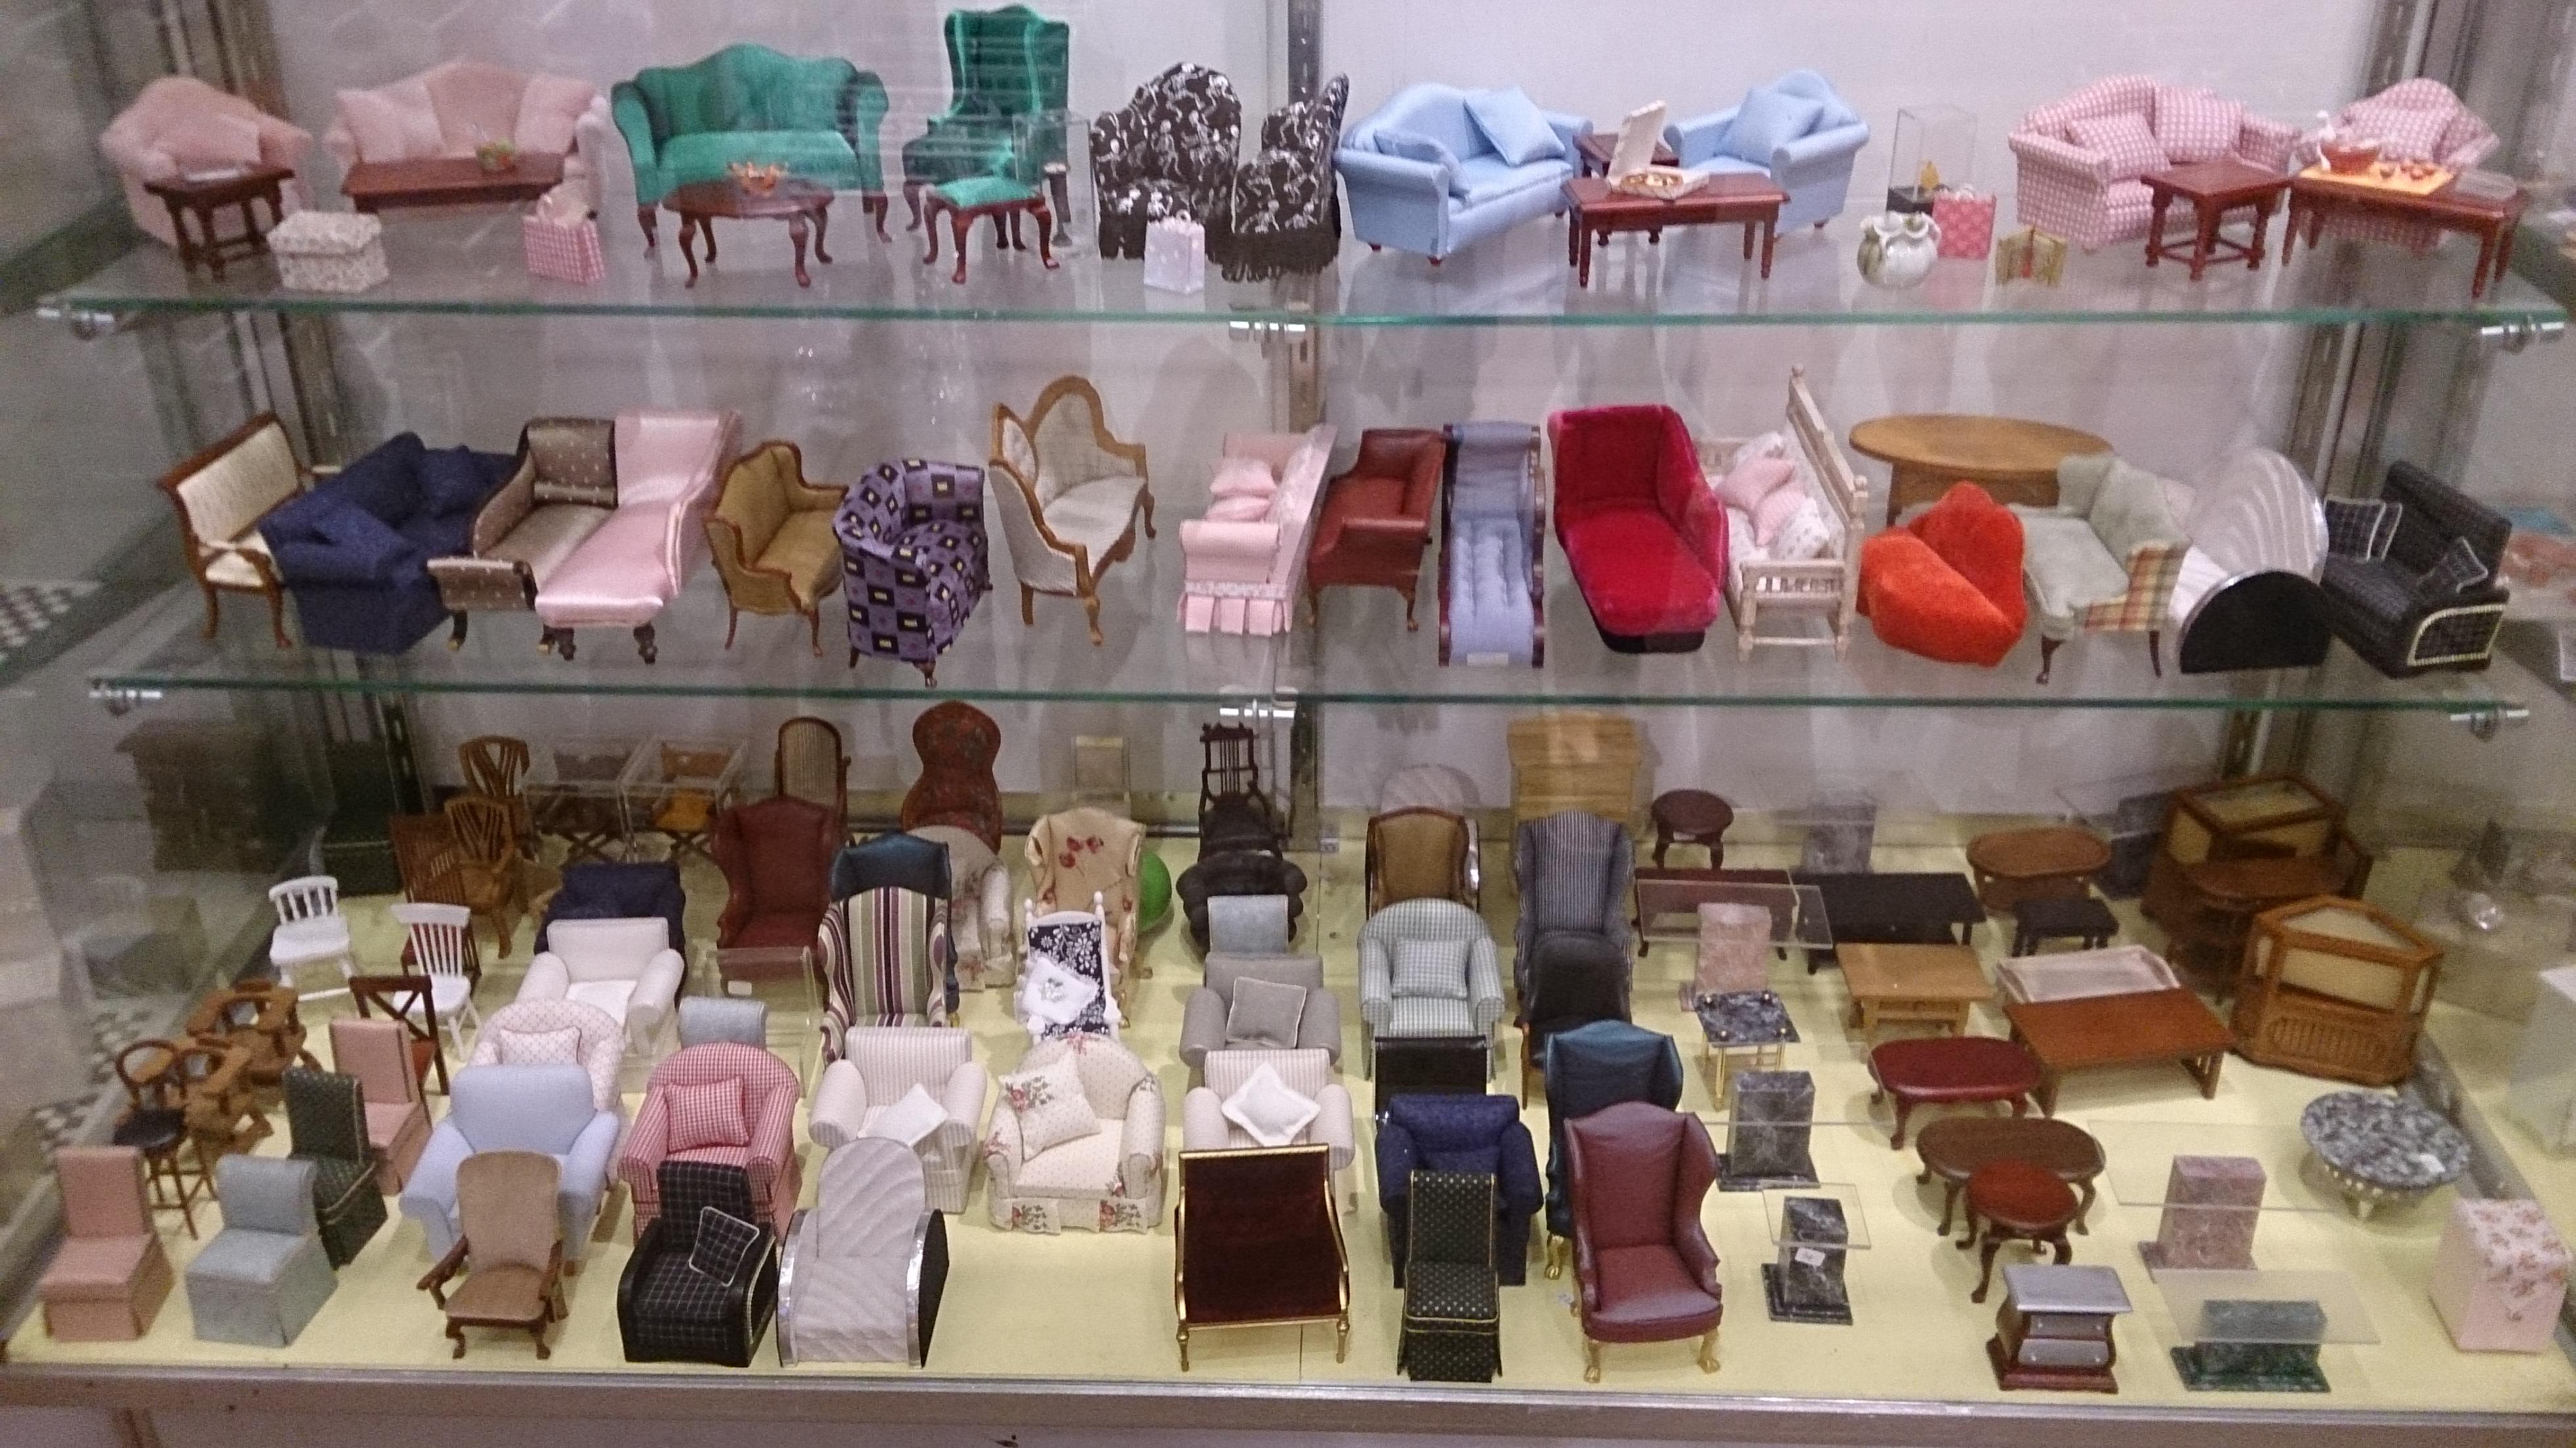 loja brinquedos Nova Iorque miniaturas